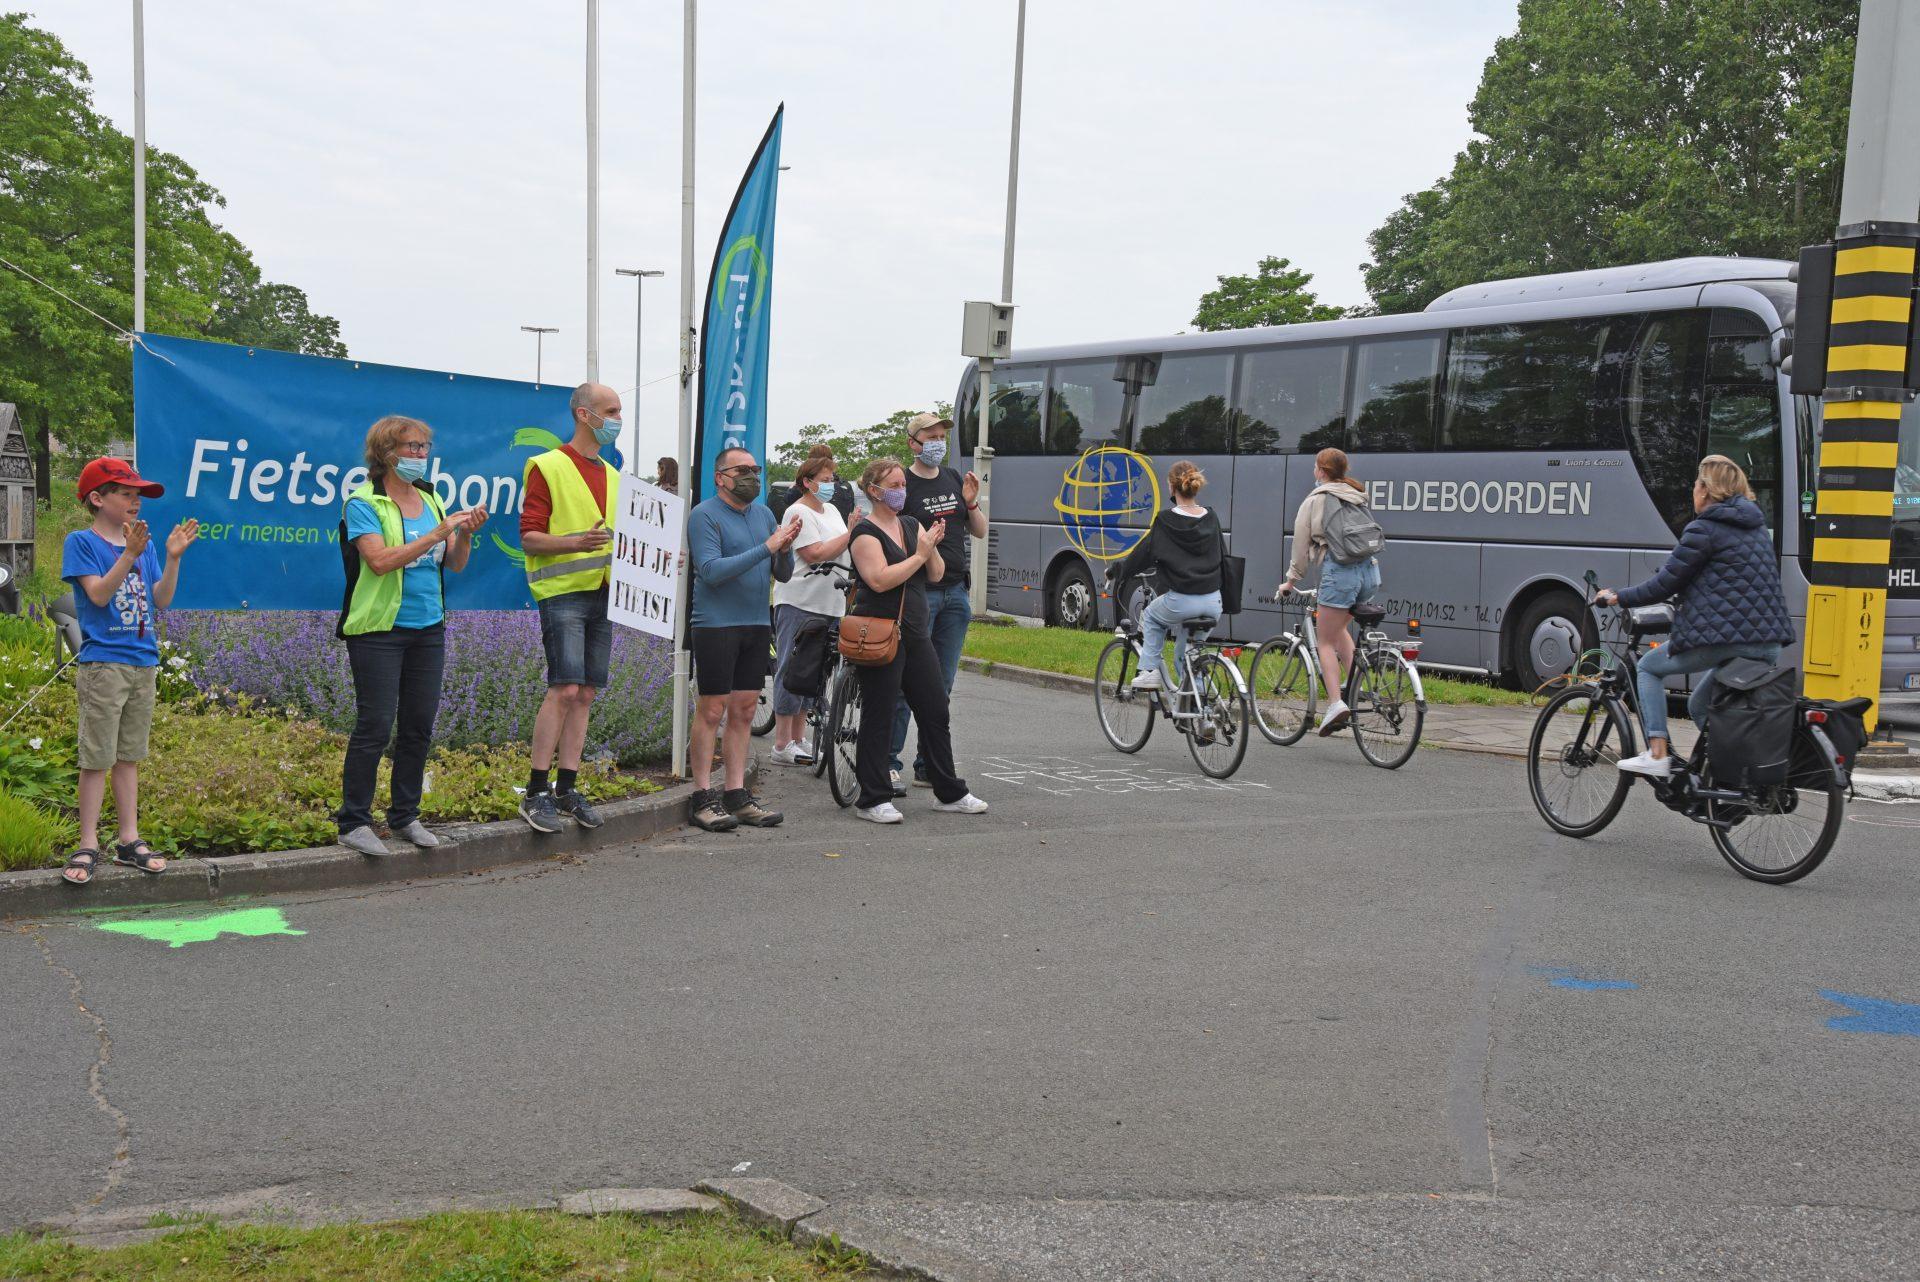 Fietsersbond Dendermonde eist drastische verhoging fietsbudget